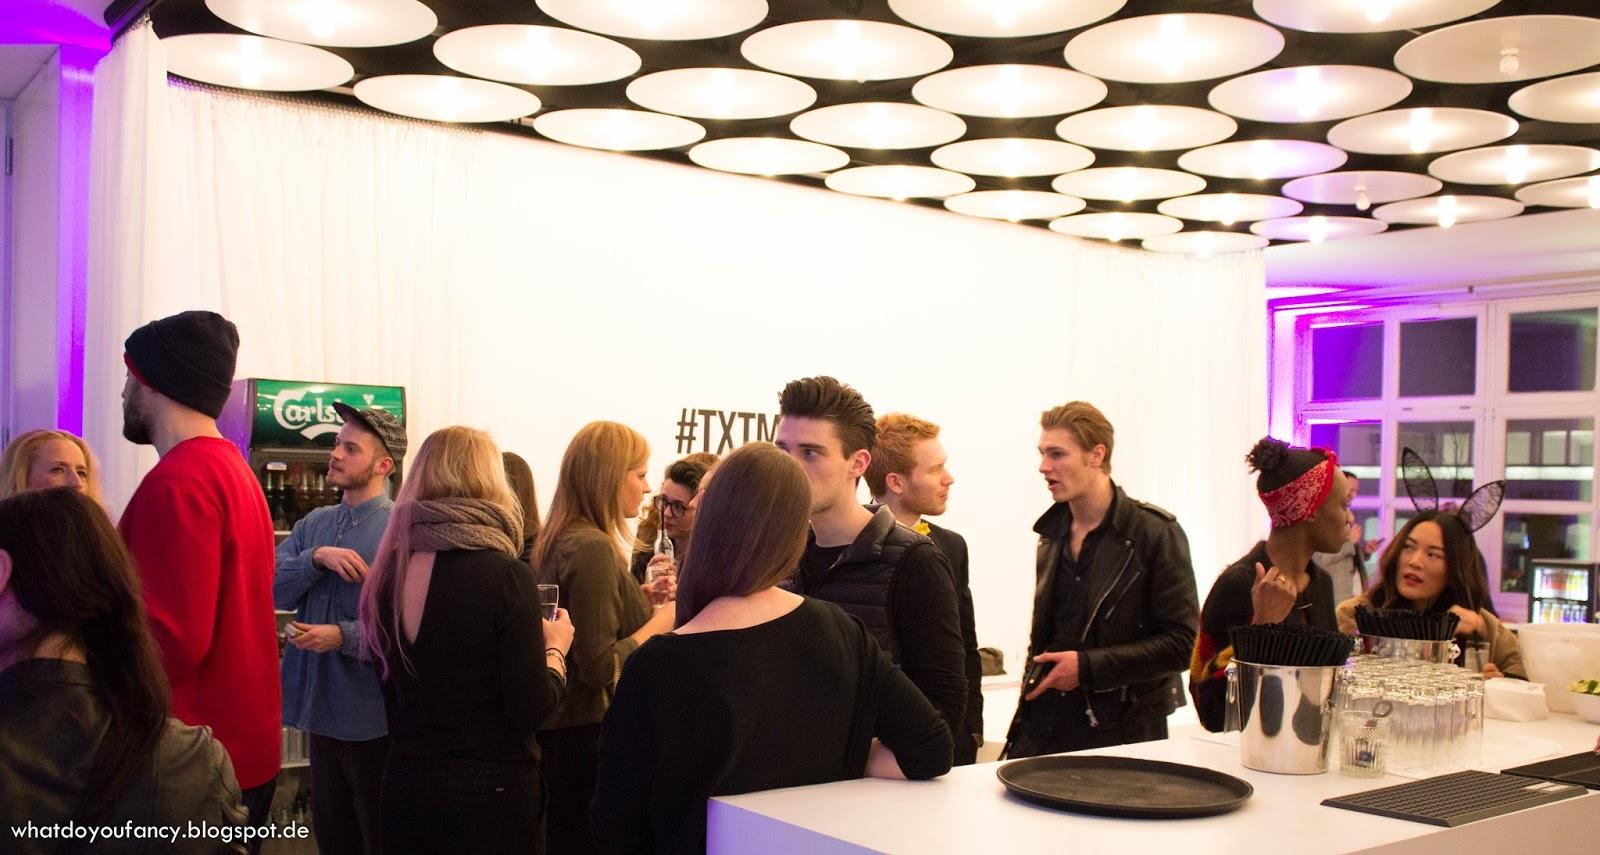 L'Oréal lud zum Launch der neuen Studio Line #TXT-Produkte + App #TXTMYSTYLE ein